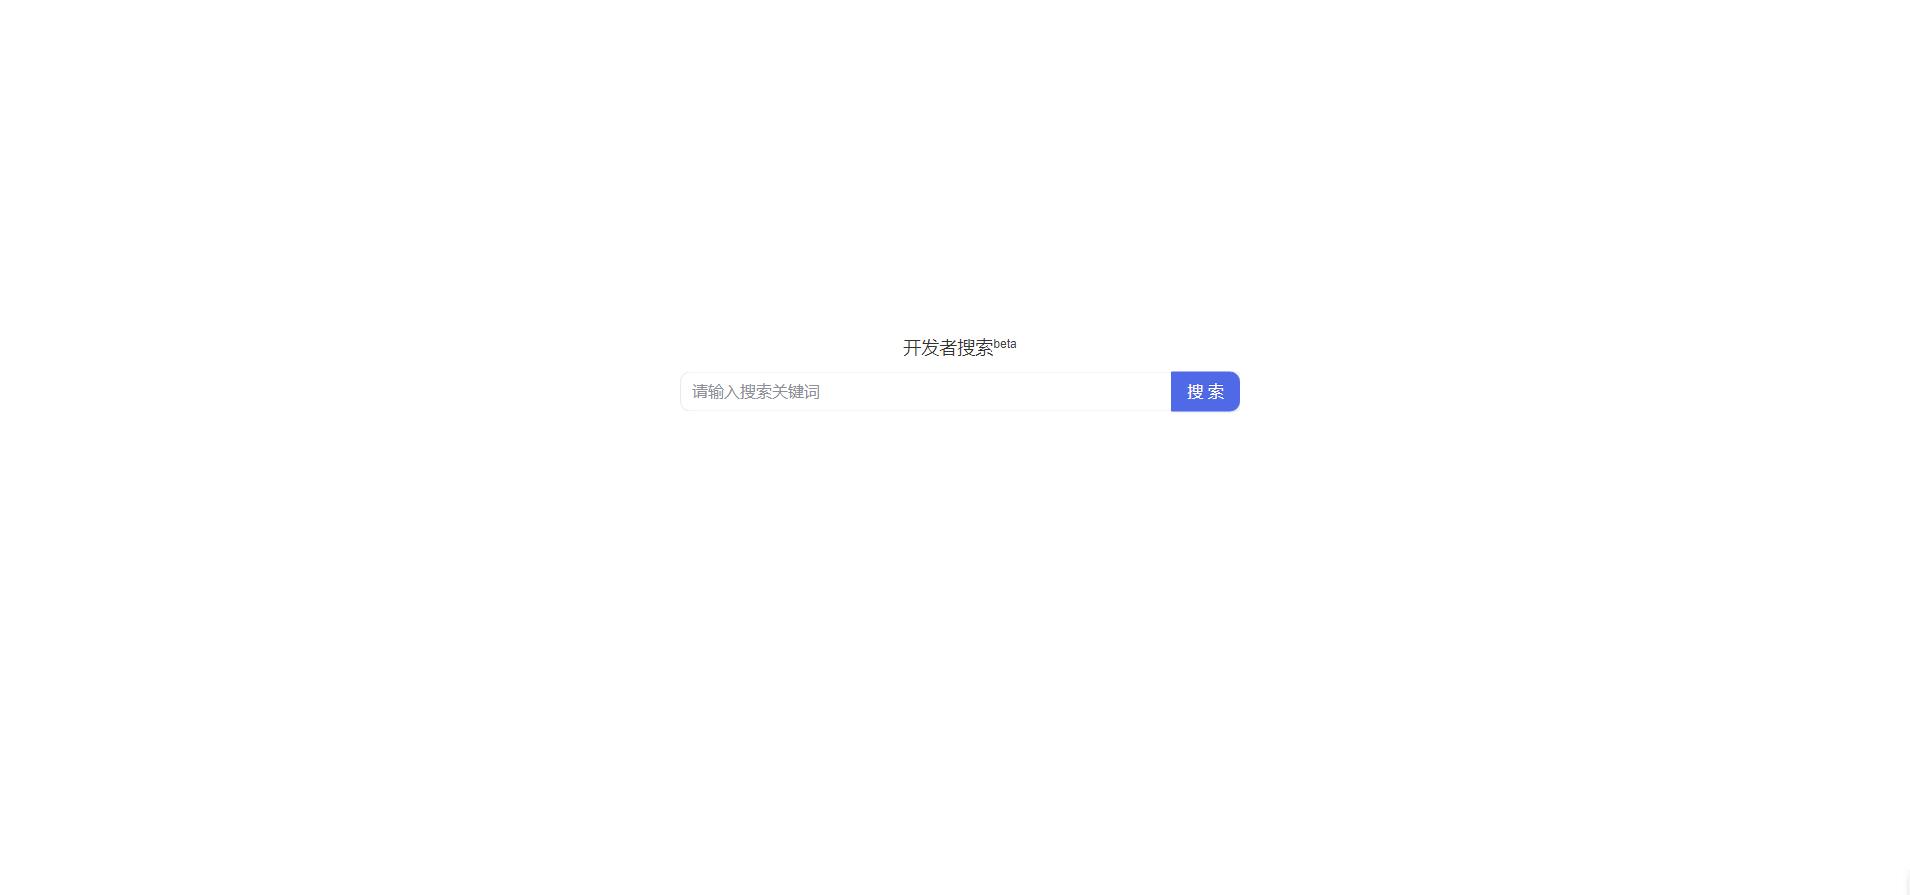 新搜索引擎,百度为开发者助力!